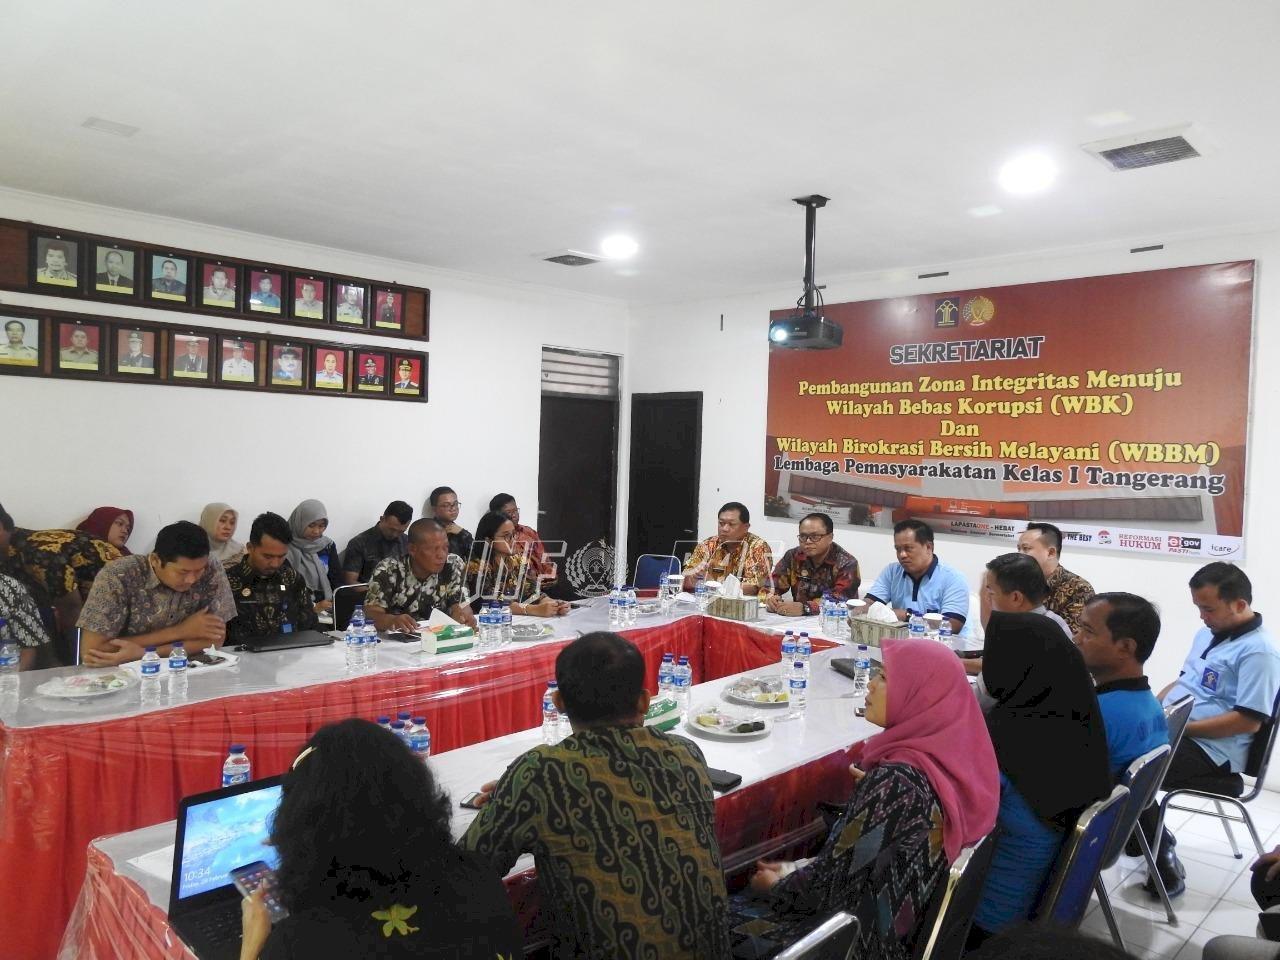 Kadiv PAS Banten Berikan Penguatan ZI WBK/WBBM